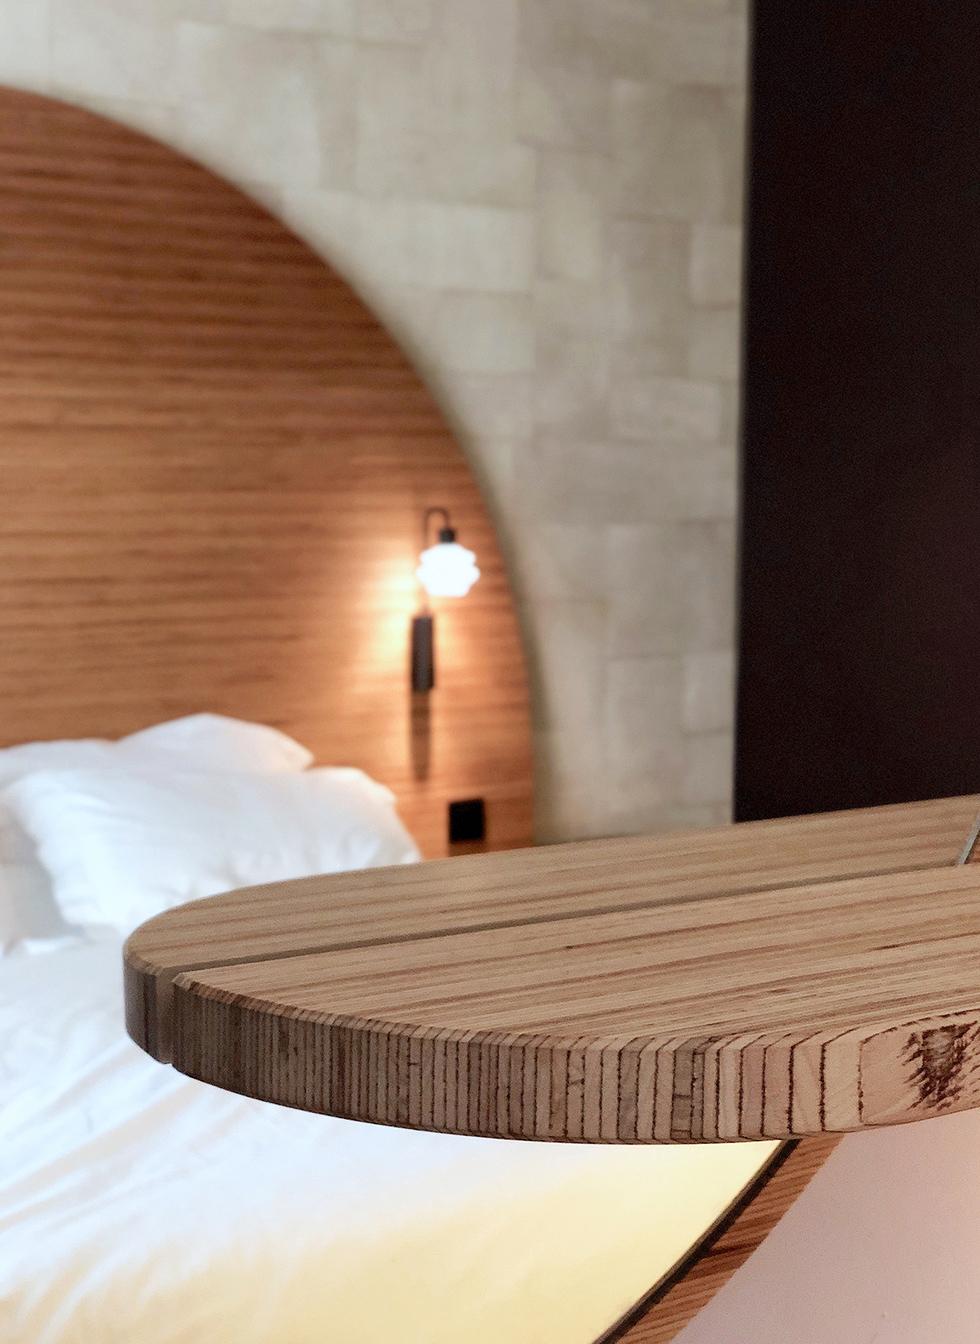 Chambre d'hôtel : tête de lit reflet dans miroir